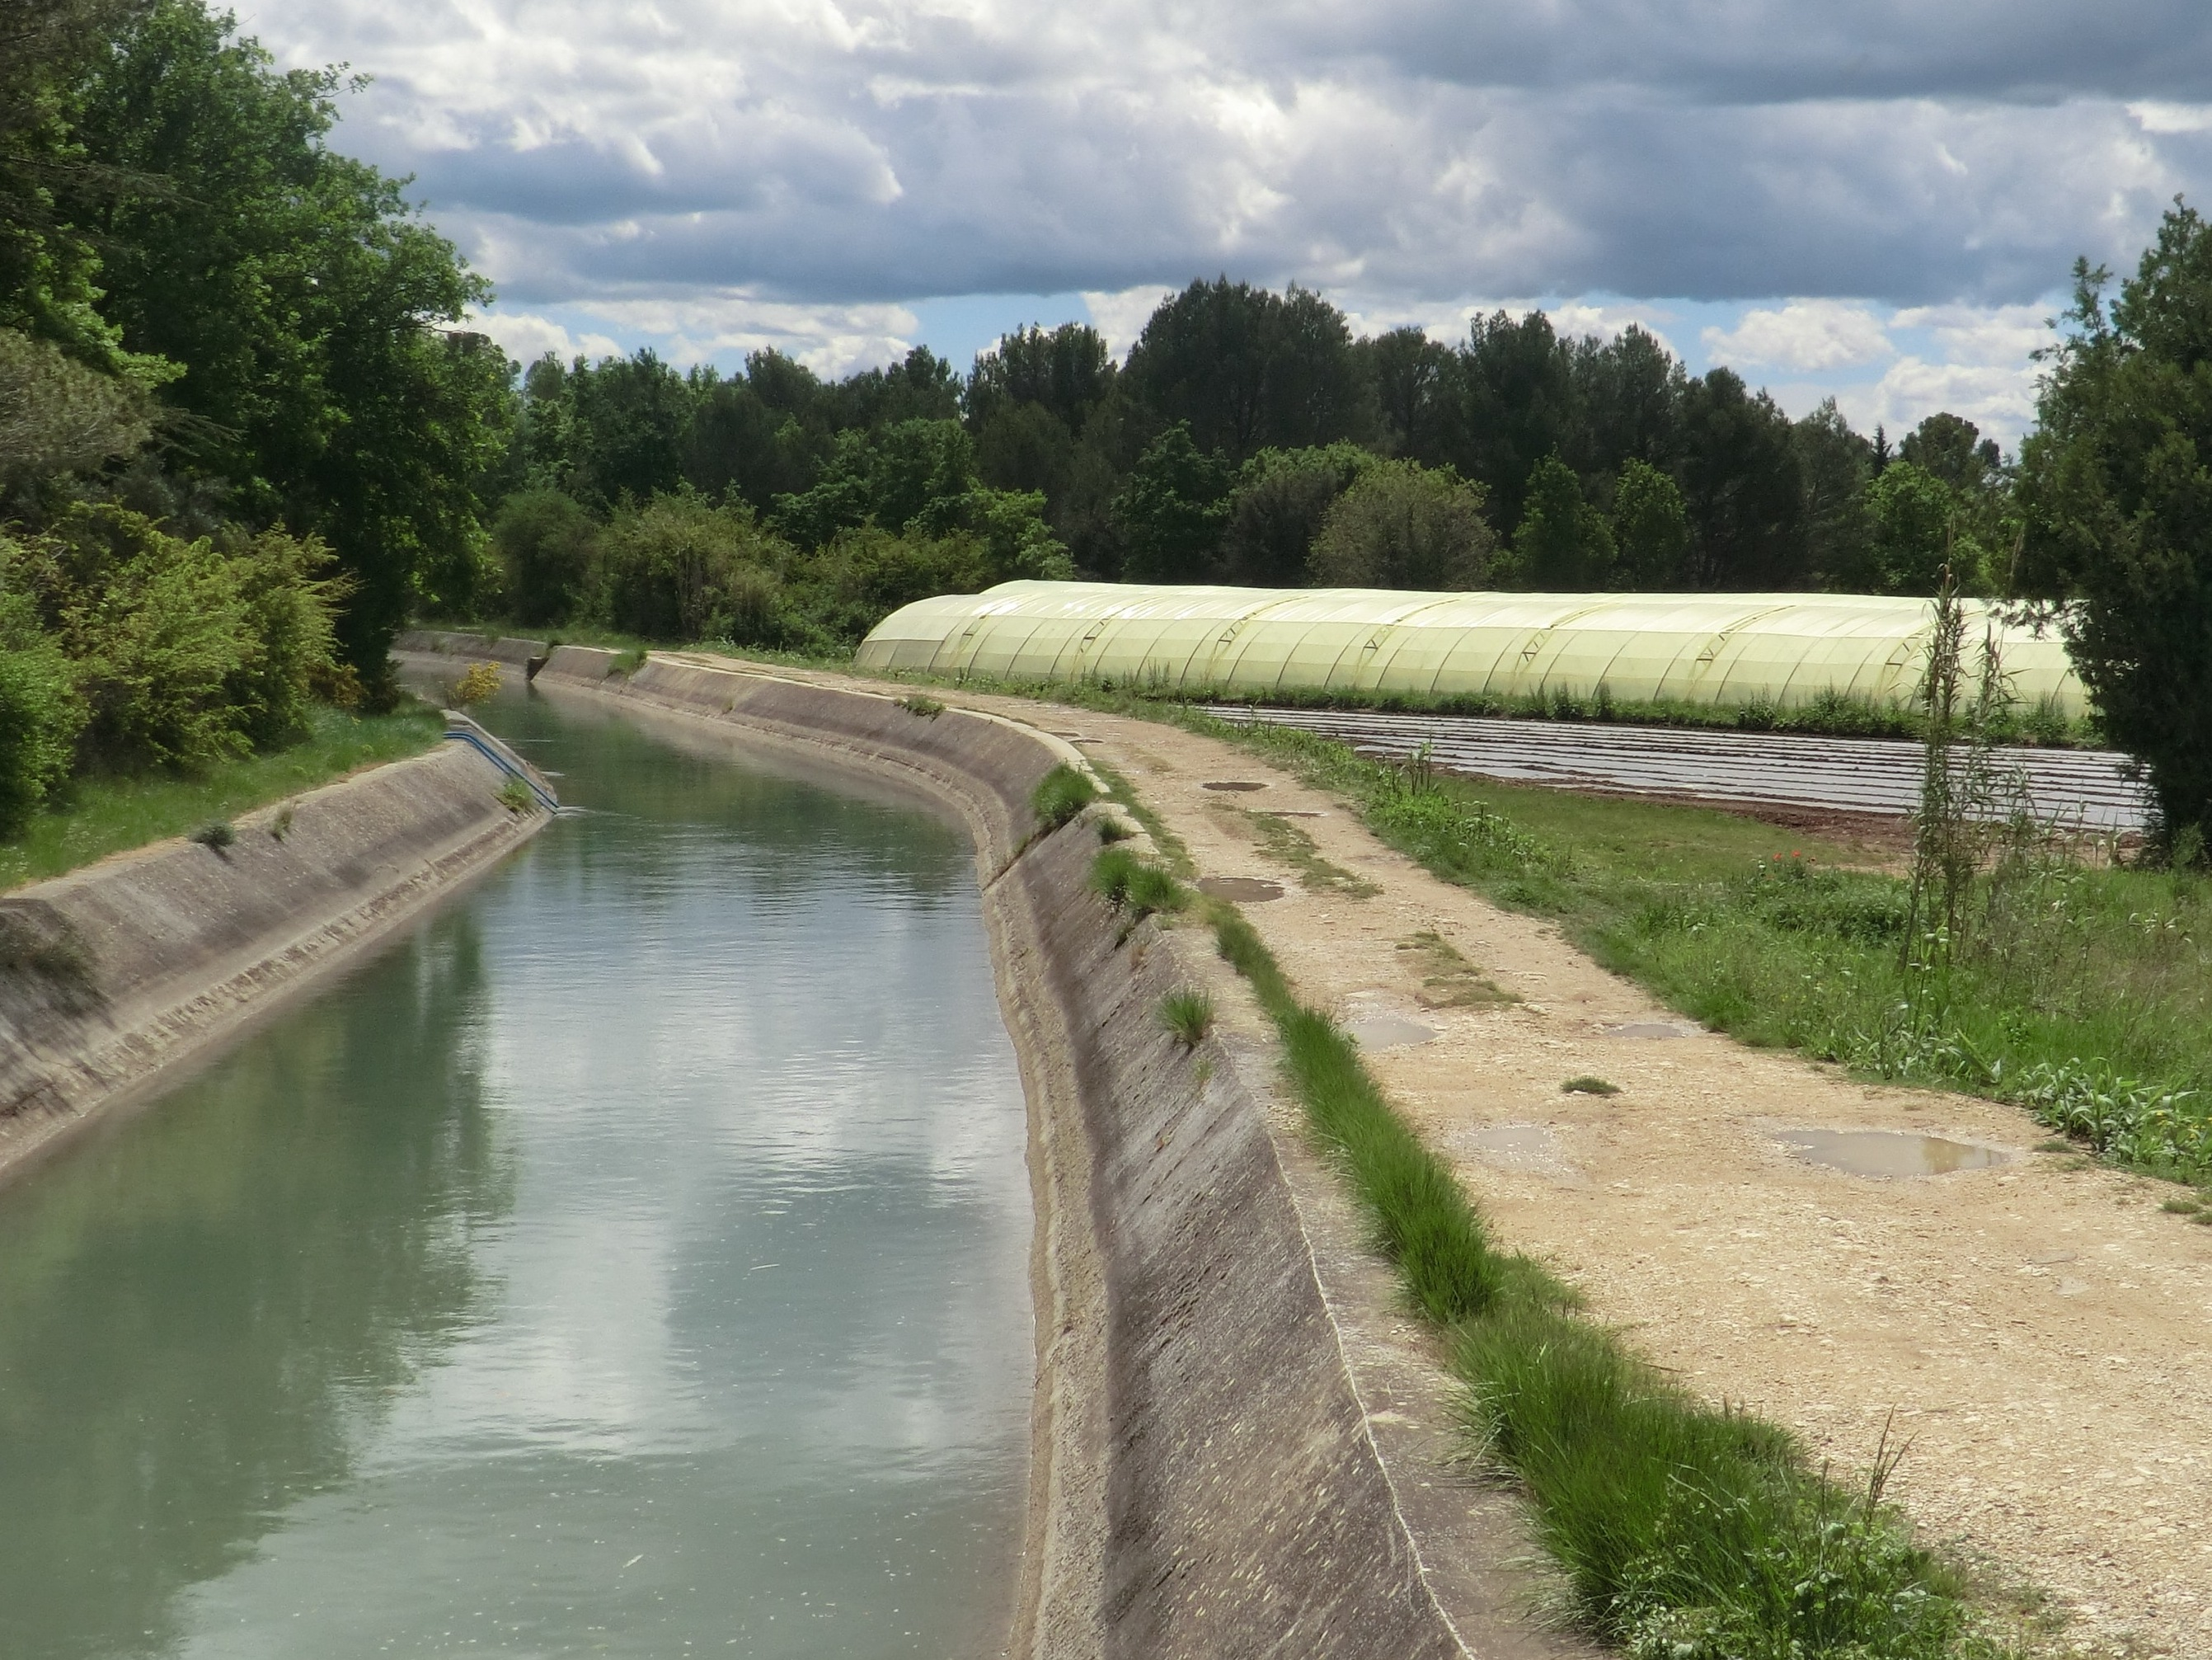 Le canal de 69 km de Carpentras en France couvre environ 10 000 ha et remonte au milieu des années 1800. (crédits: François Molle / Water Alternatives / Flickr Creative Commons Attribution-NonCommercial 2.0 Generic (CC BY-NC 2.0))